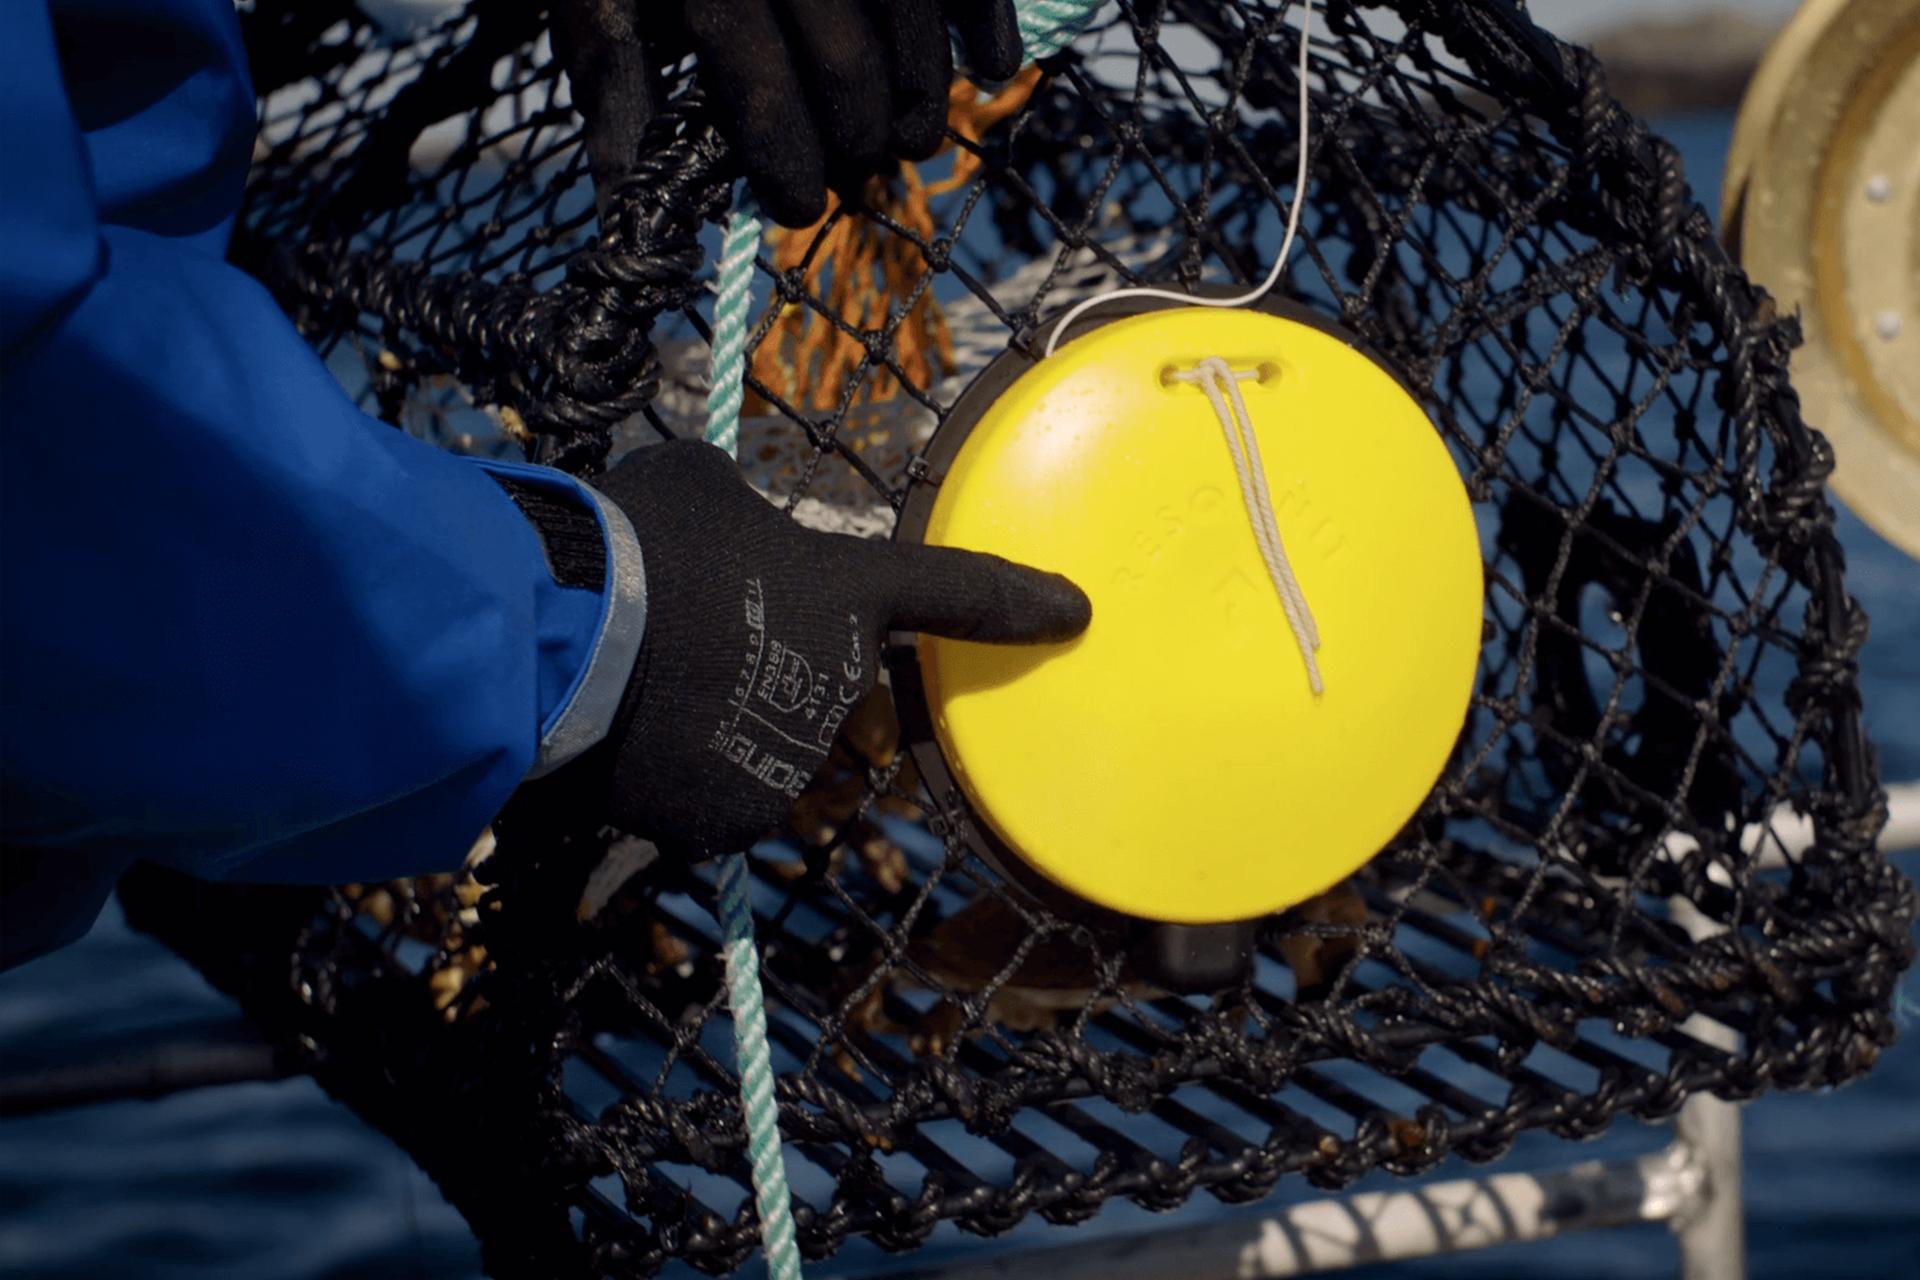 Peker på flottør som er festet på fiskeredskap